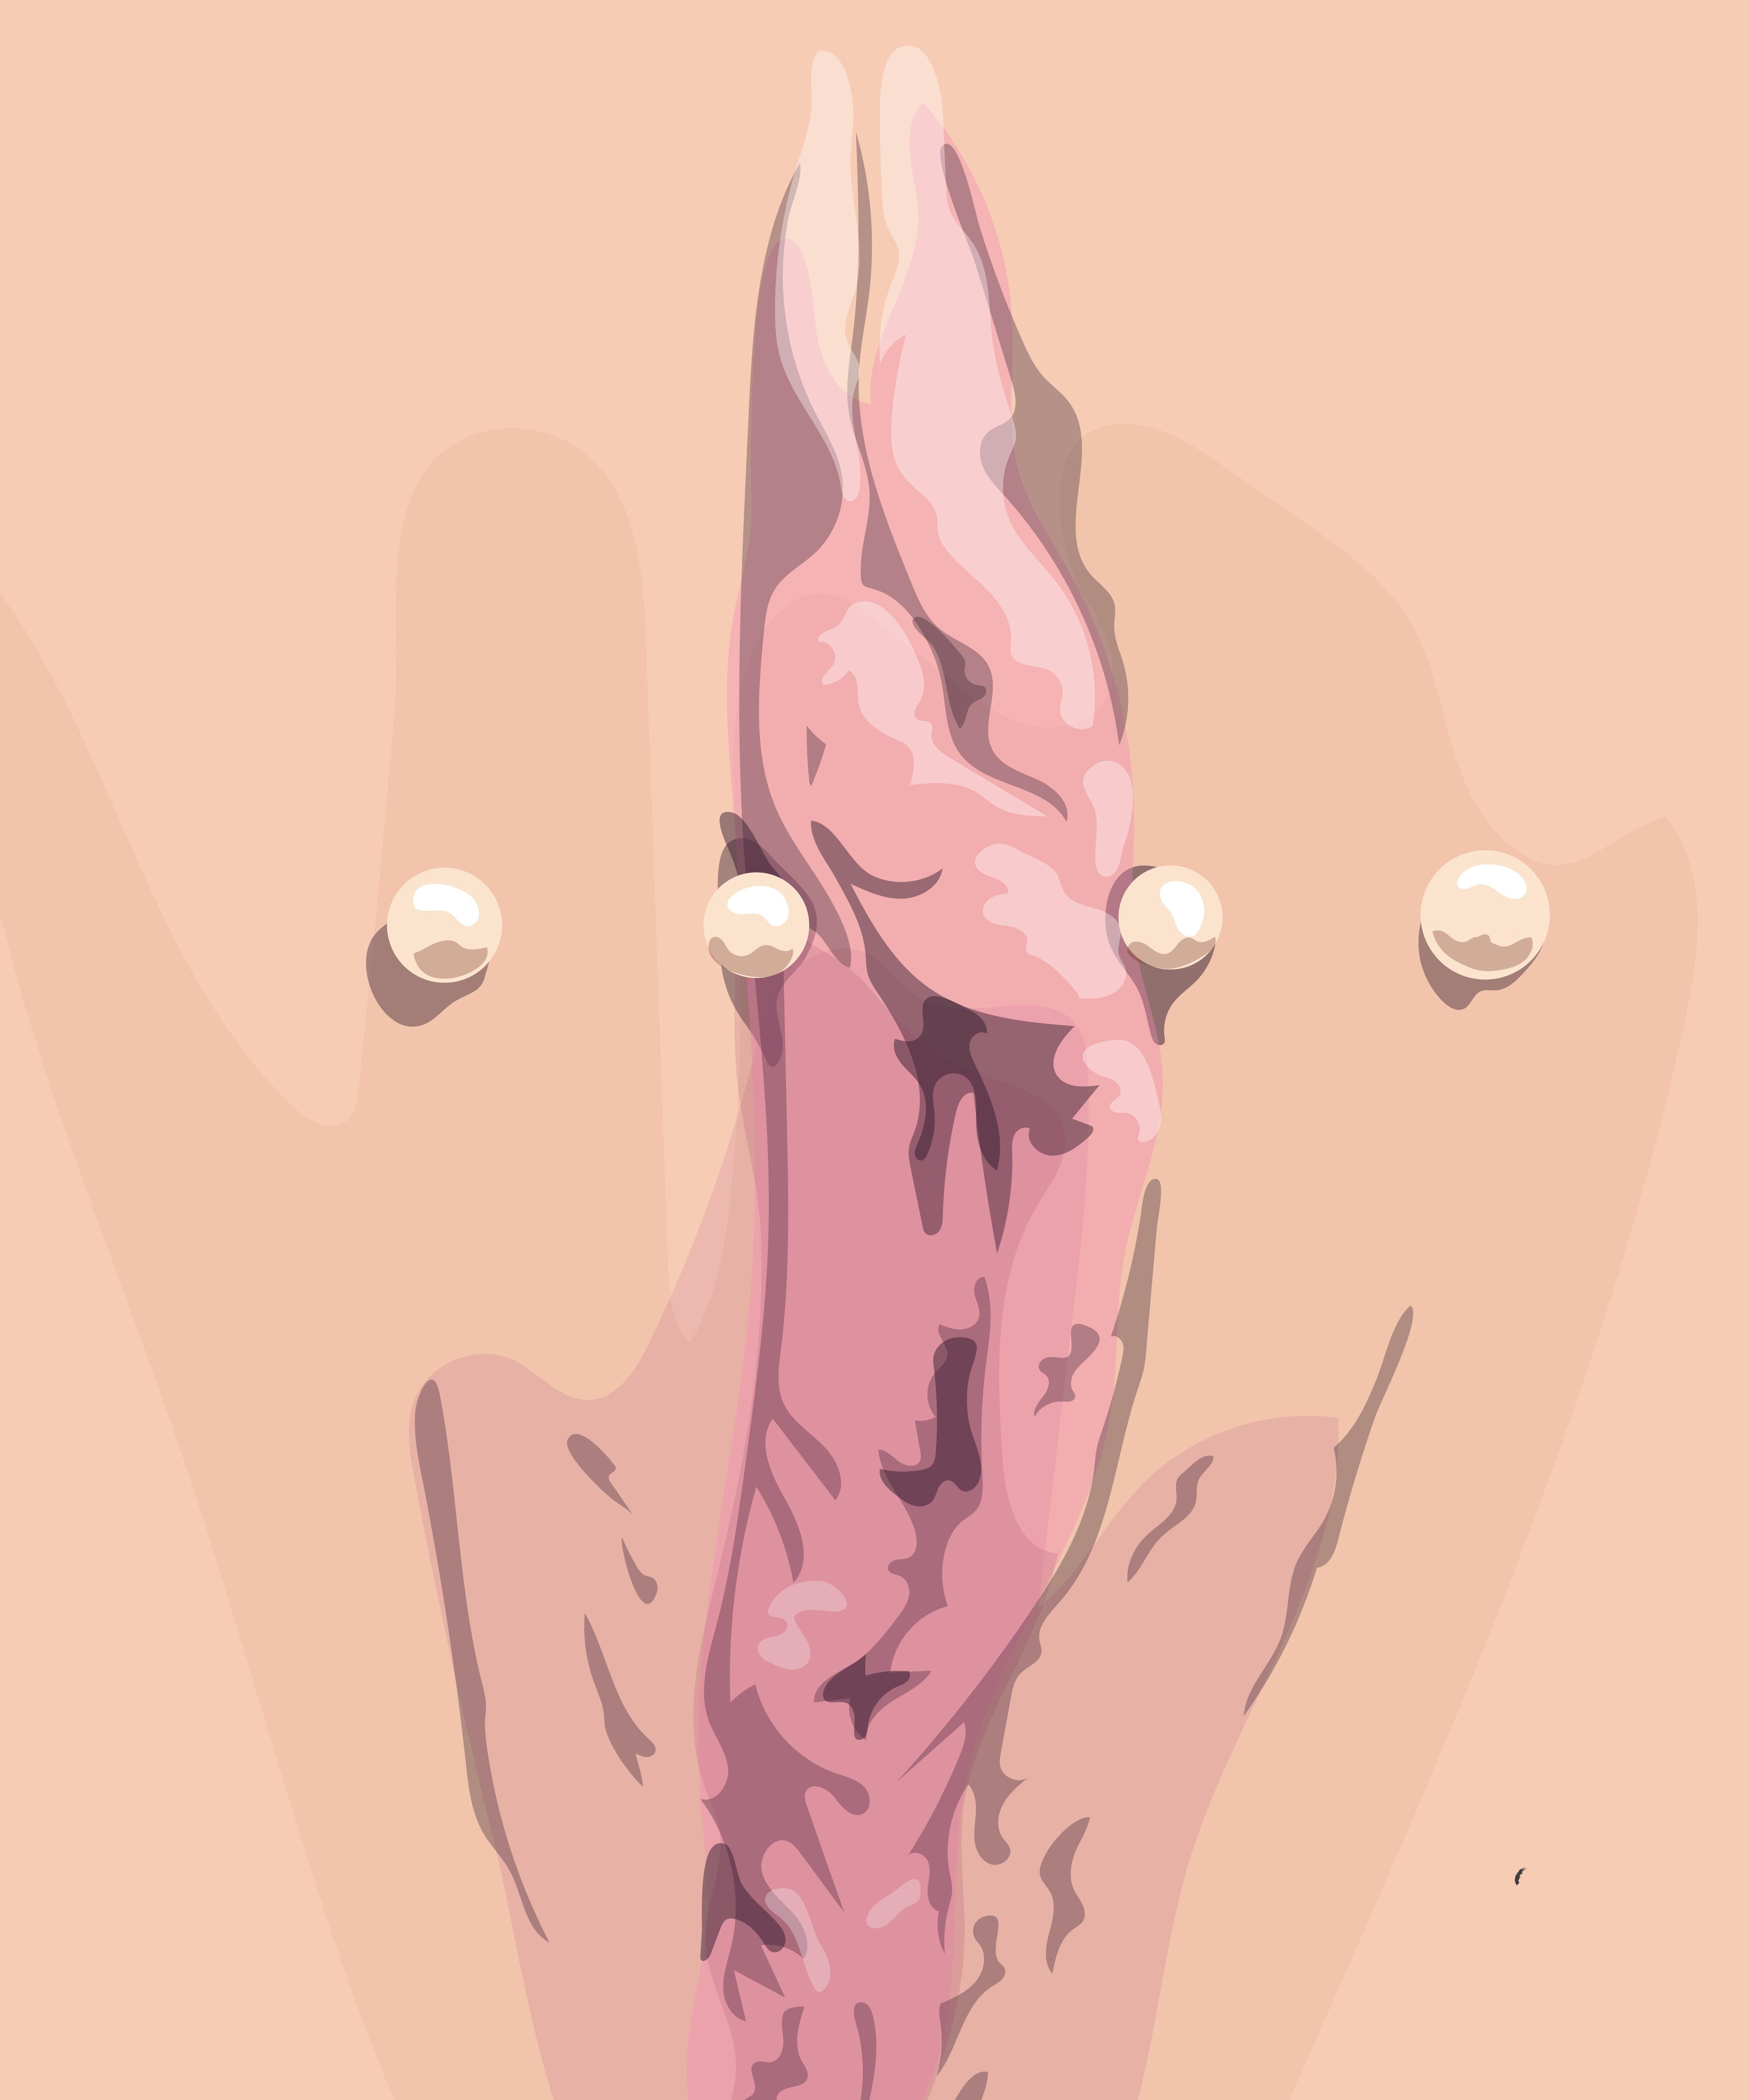 Vulva piercing